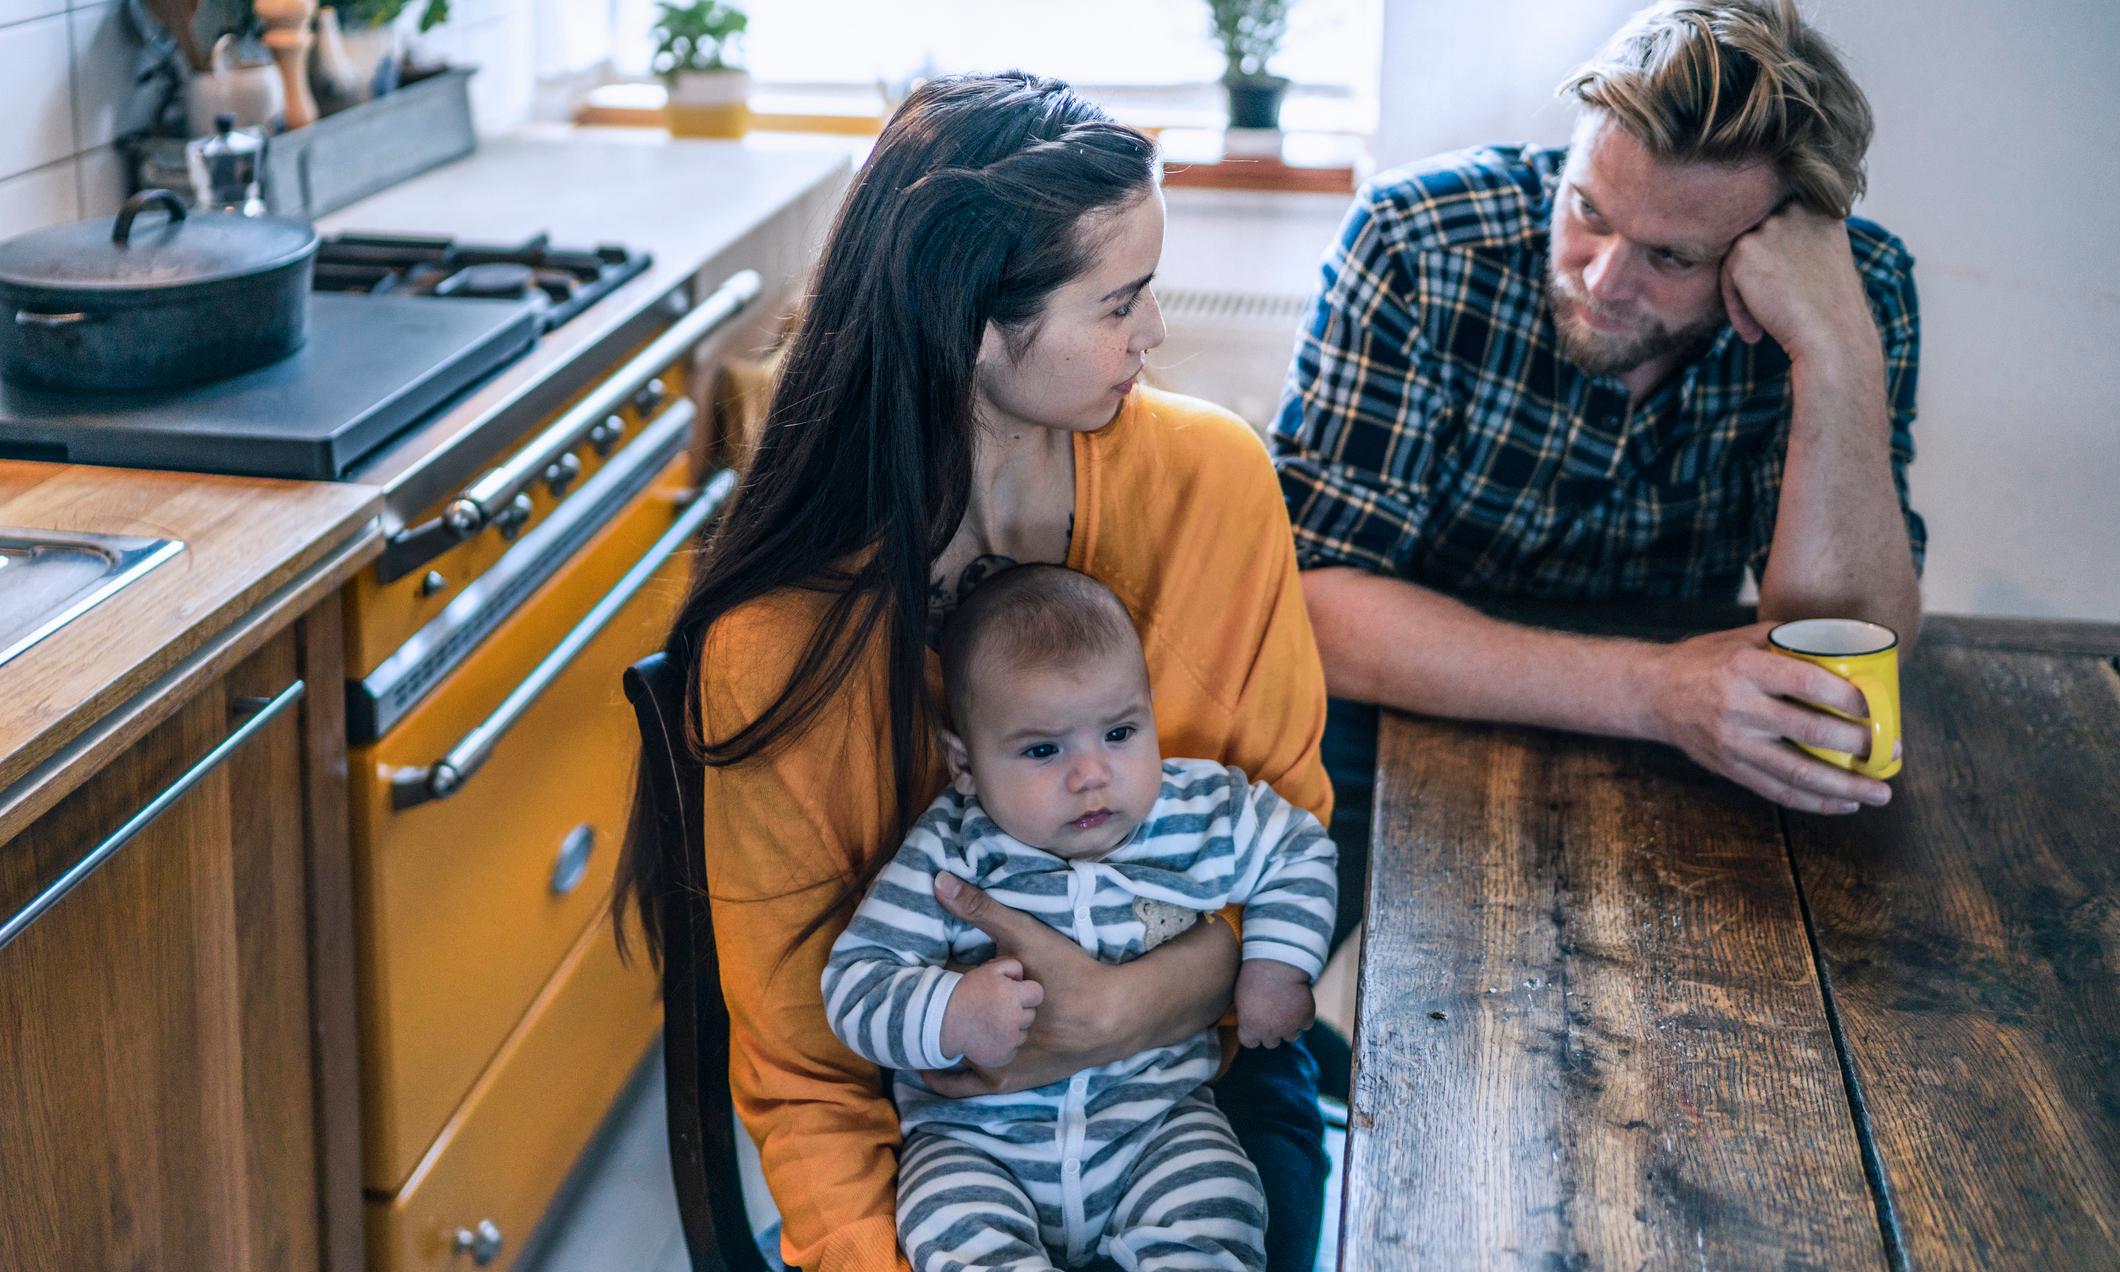 Психологи: гражданский брак разрушает отношения